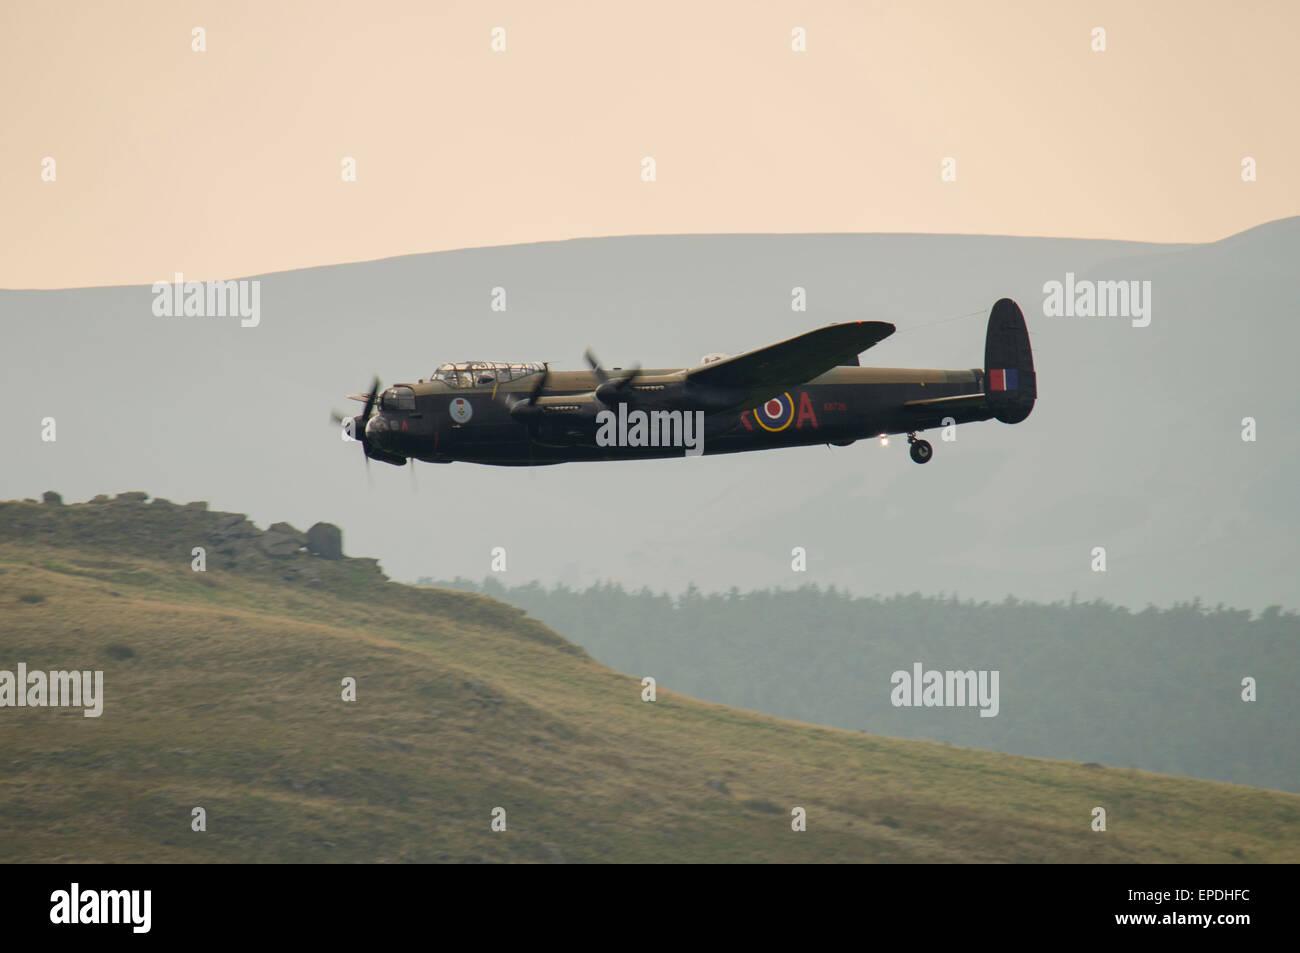 Retratada aquí es un bombardero Avro Lancaster en sobrevolar en el Valle Derwent, cerca del depósito de Ladybower. Foto de stock